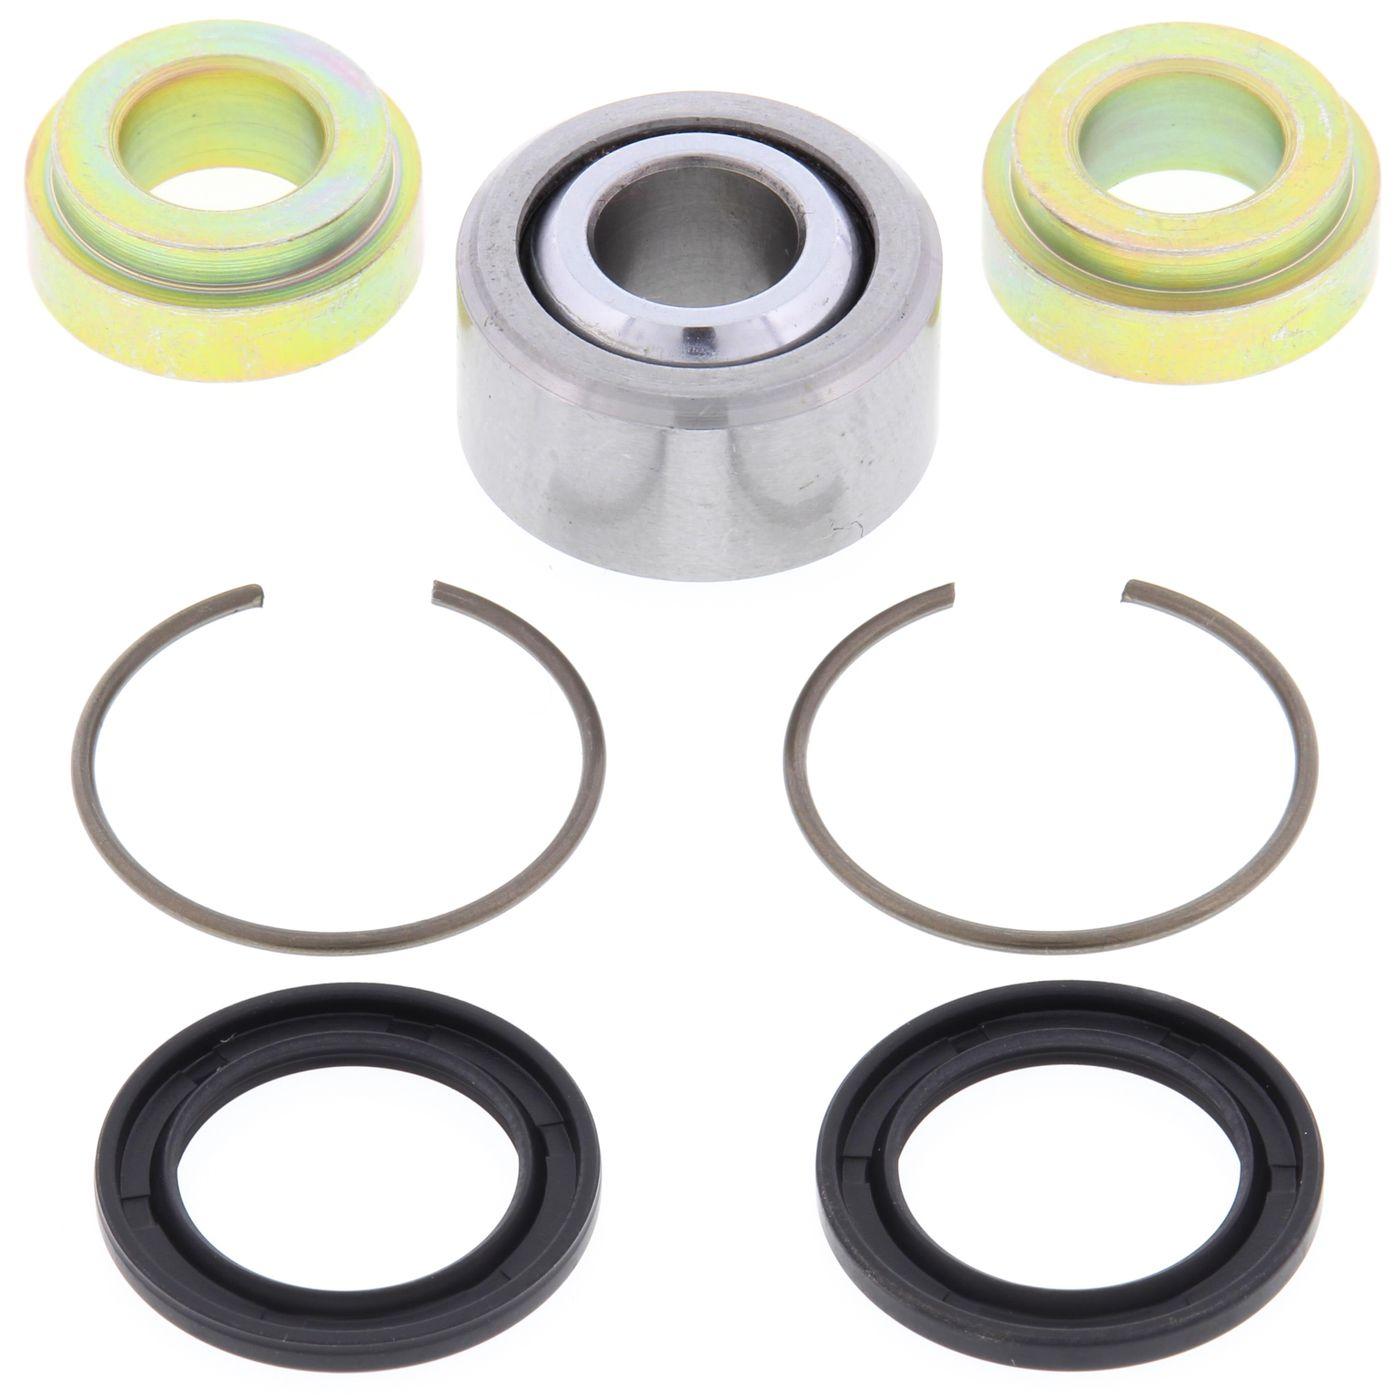 Wrp Shock Bearing Kits - WRP291008 image